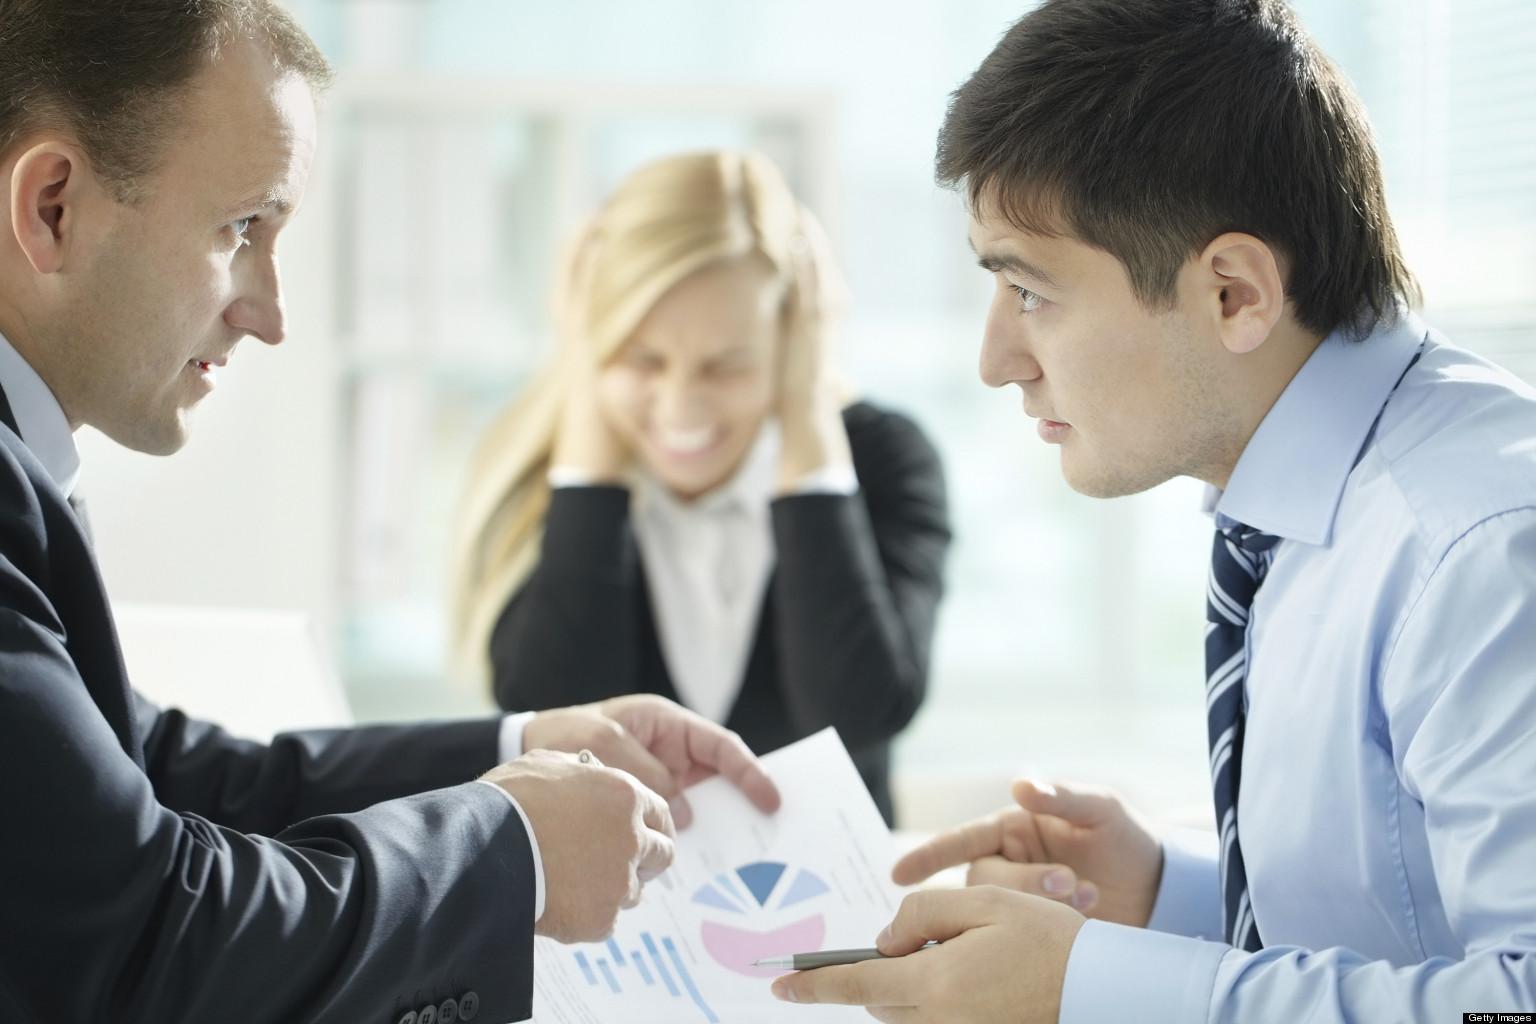 Boss employee relationship - 3 part 2